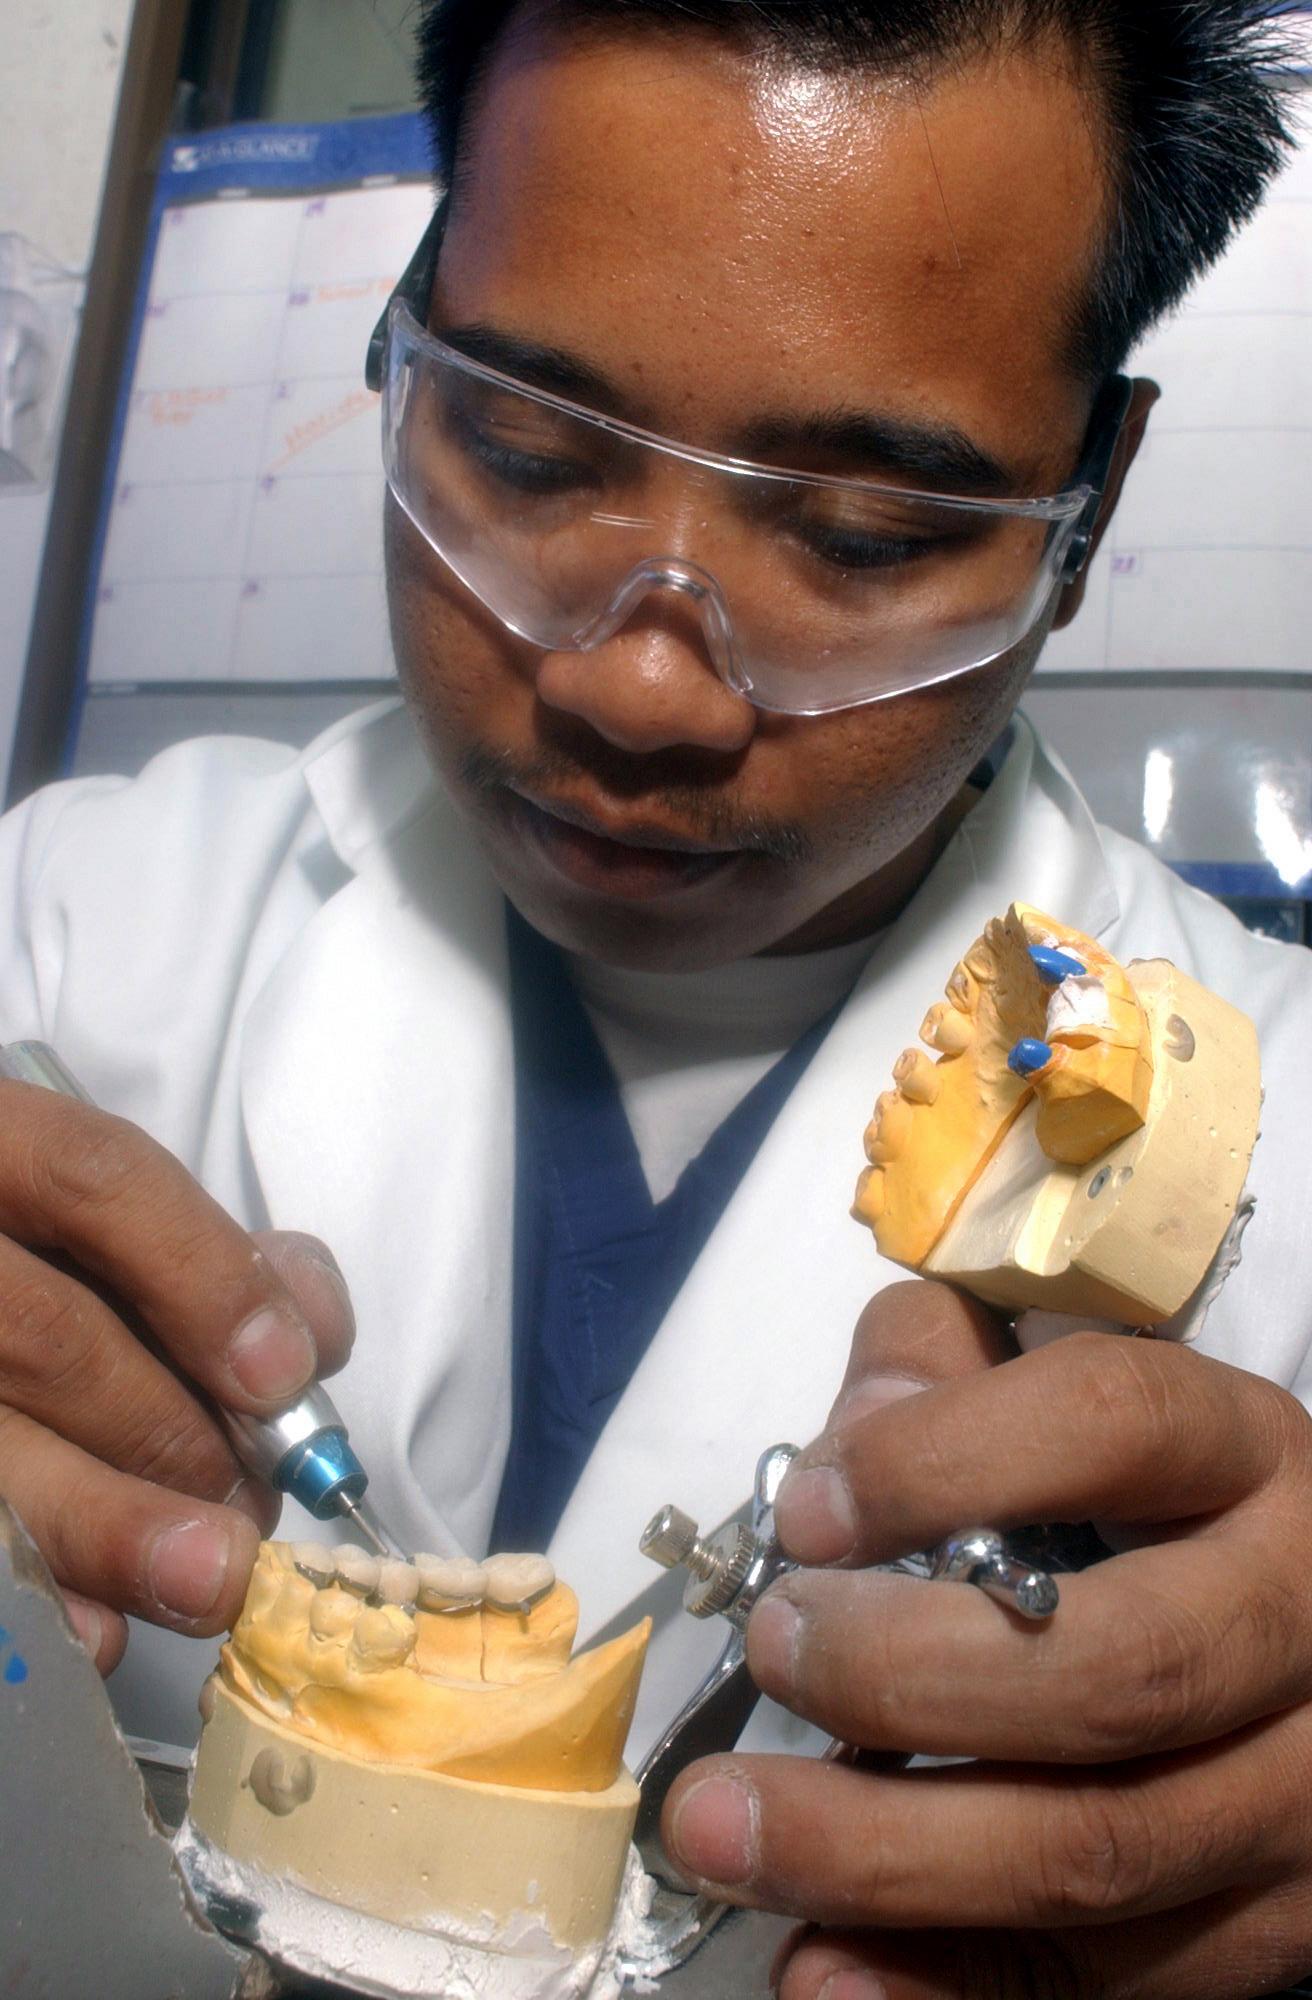 Costos de protesis dentales fijas en venezuela